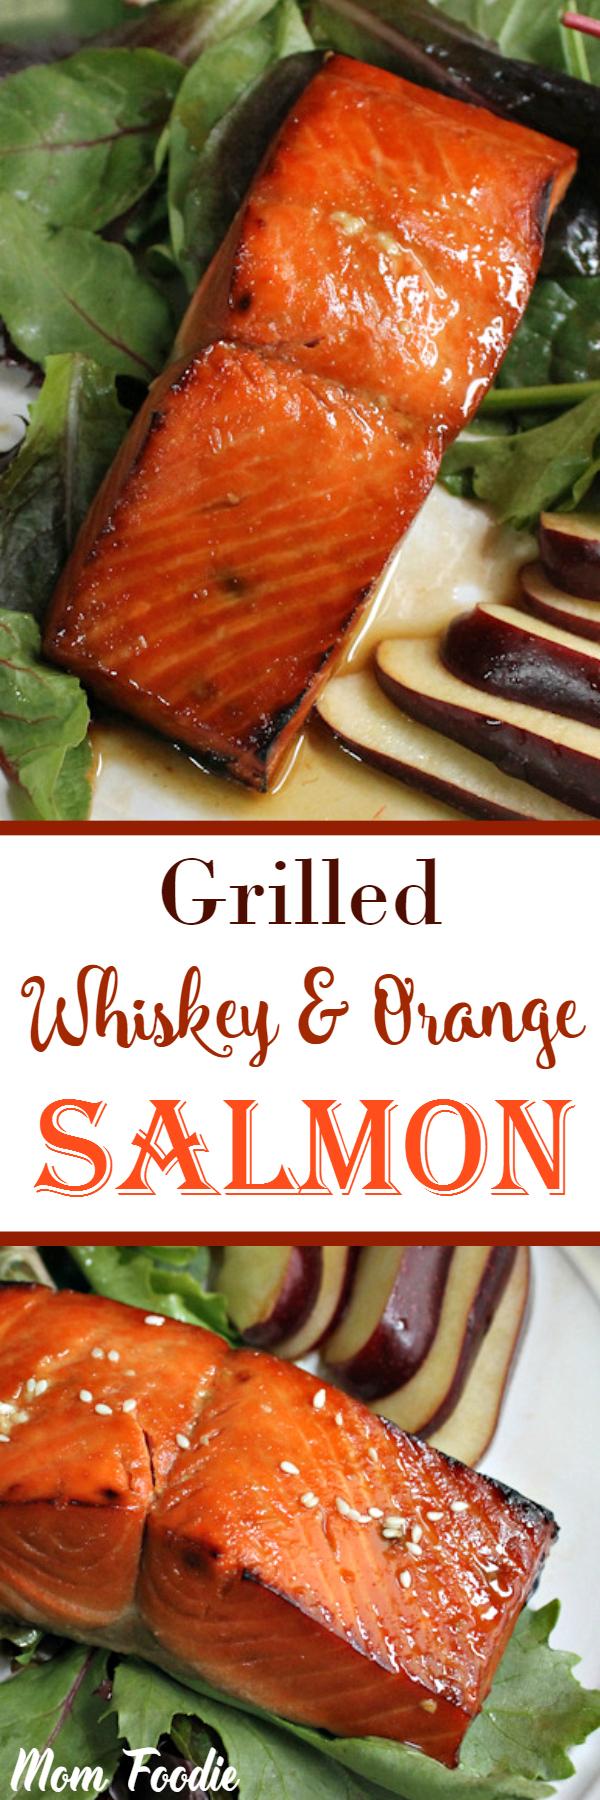 Whiskey Orange Salmon